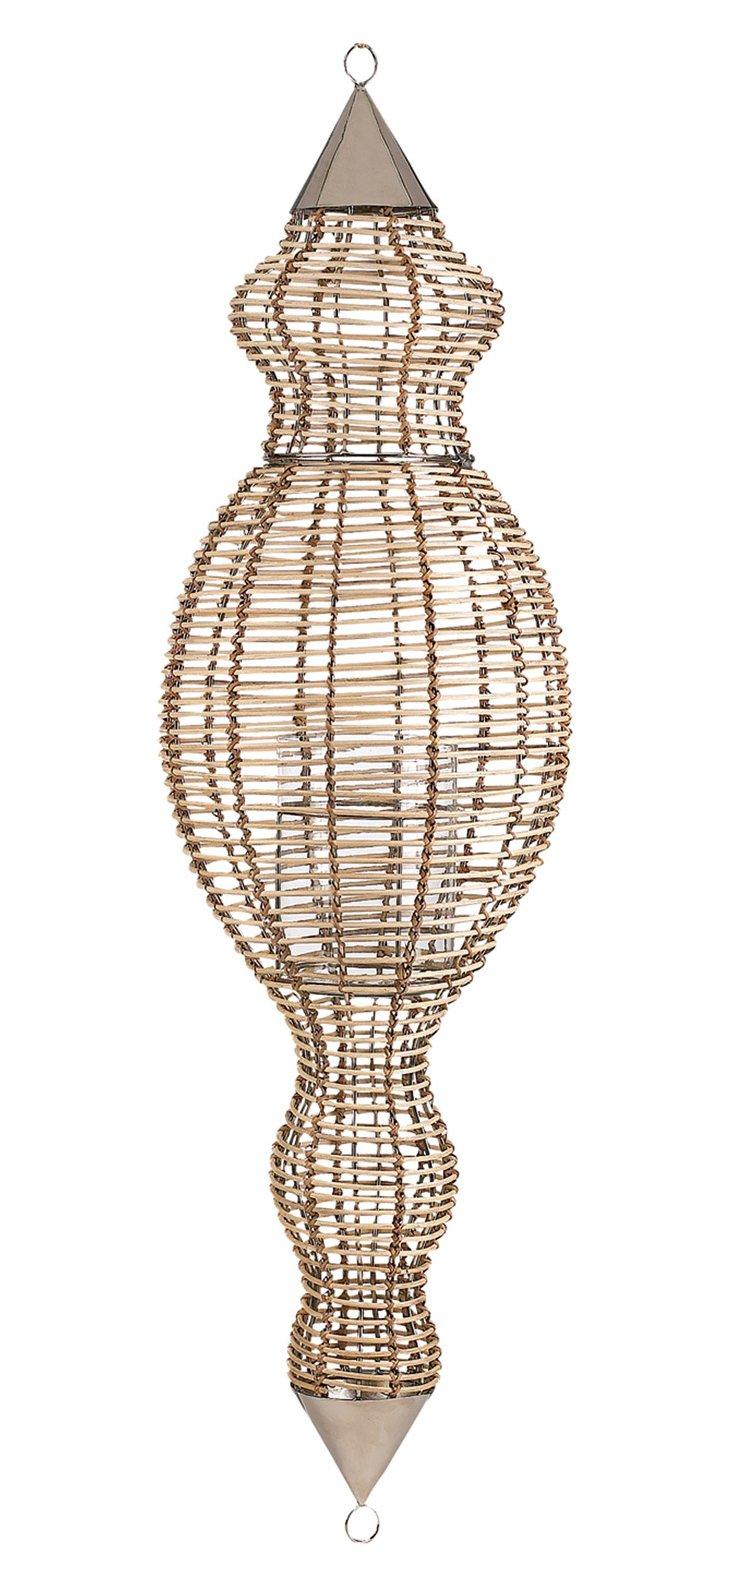 Cane Finial Lantern, Large